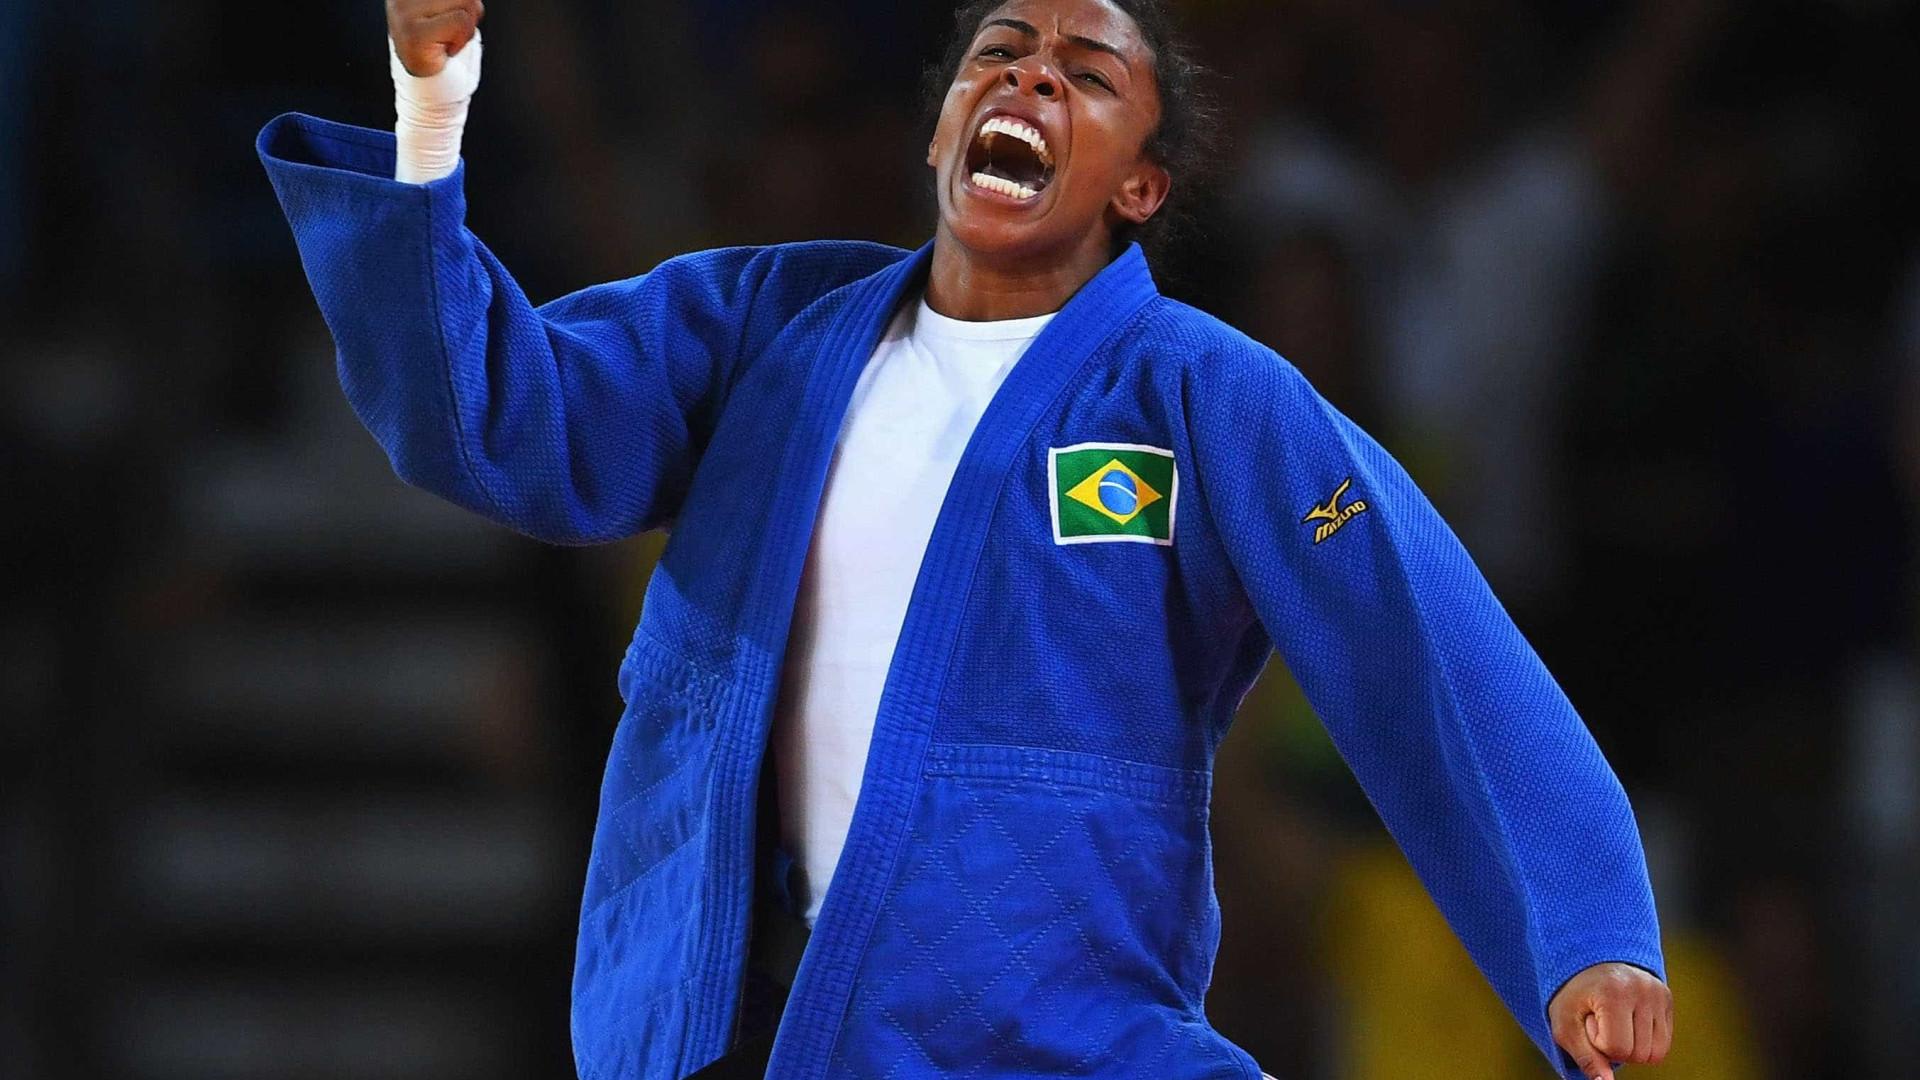 Érika Miranda ganha bronze e fatura quinta medalha em Mundiais de judô